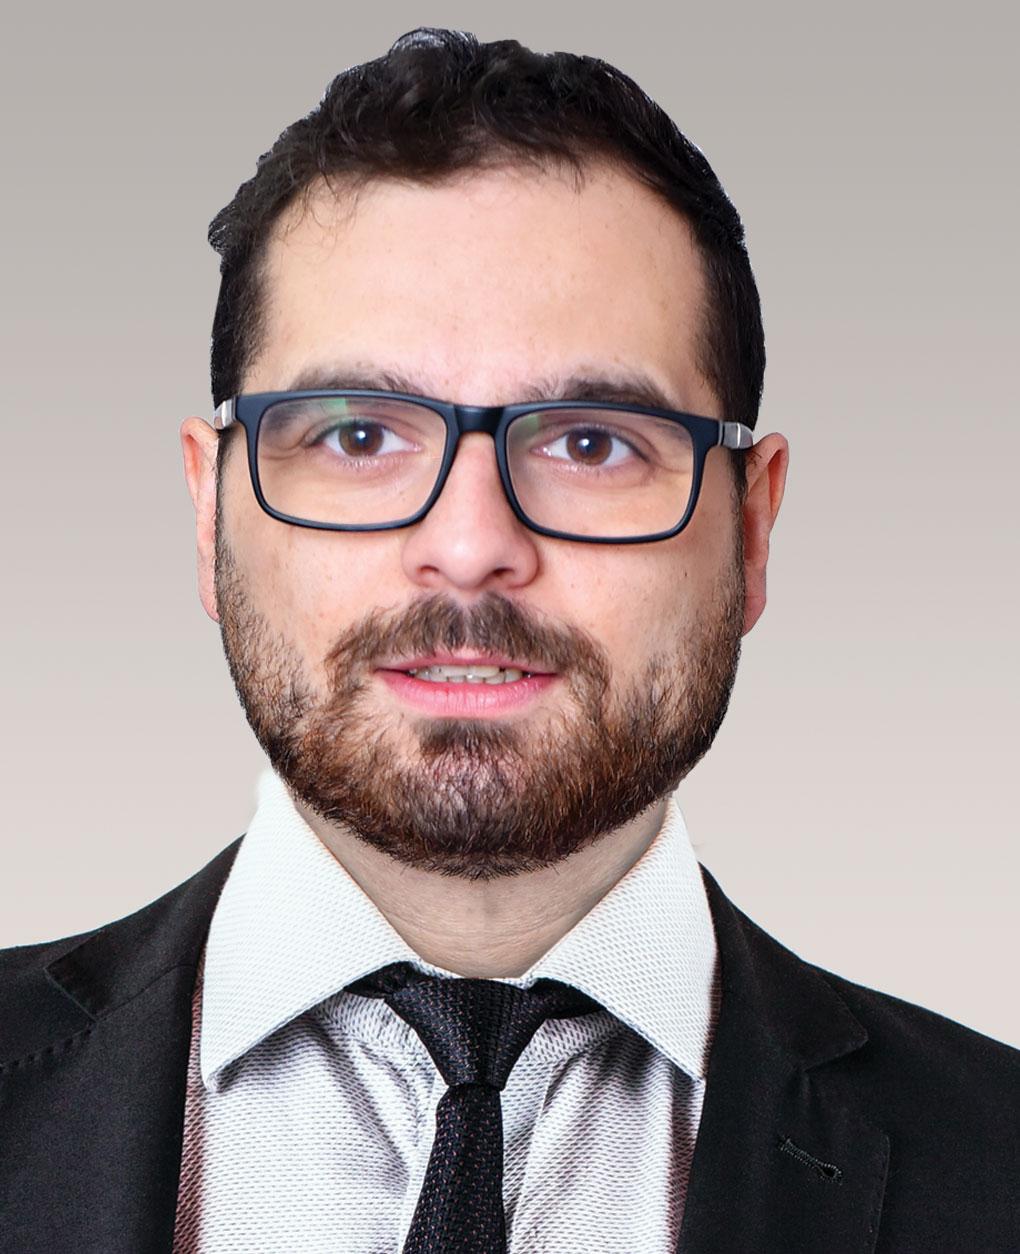 Zak Milos